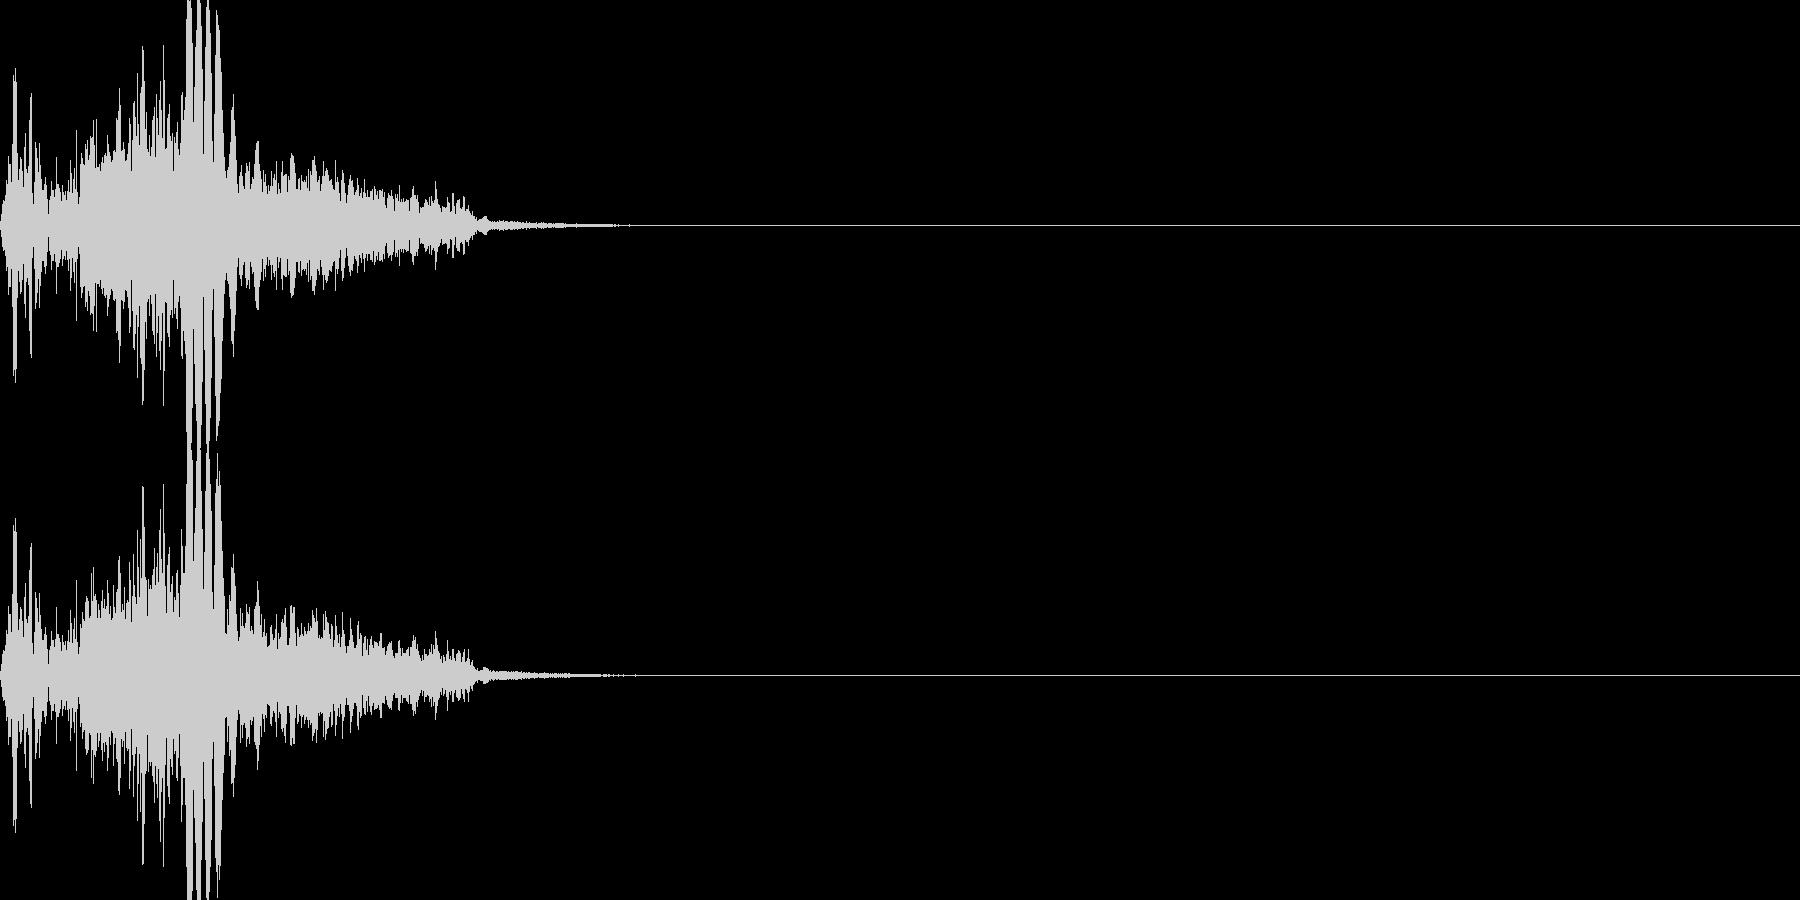 斬撃音・剣系武器の攻撃音の未再生の波形